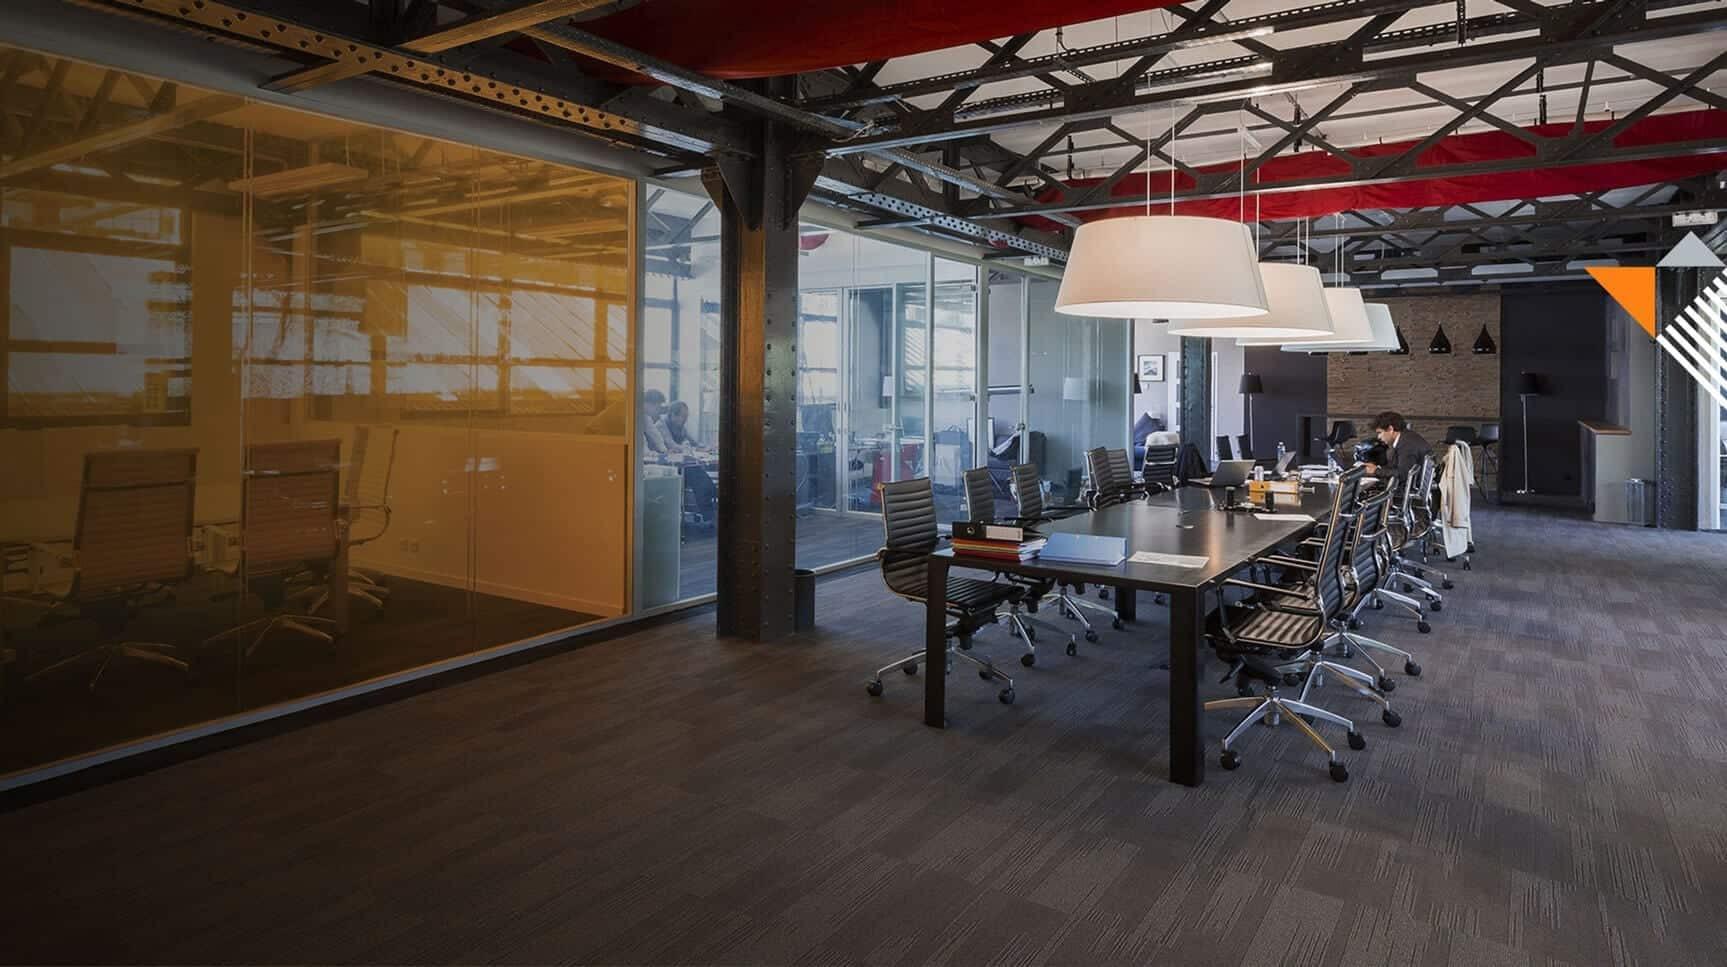 Conception d'aménagements de bureaux : Cloison, insonorisation. Services de design Kytom